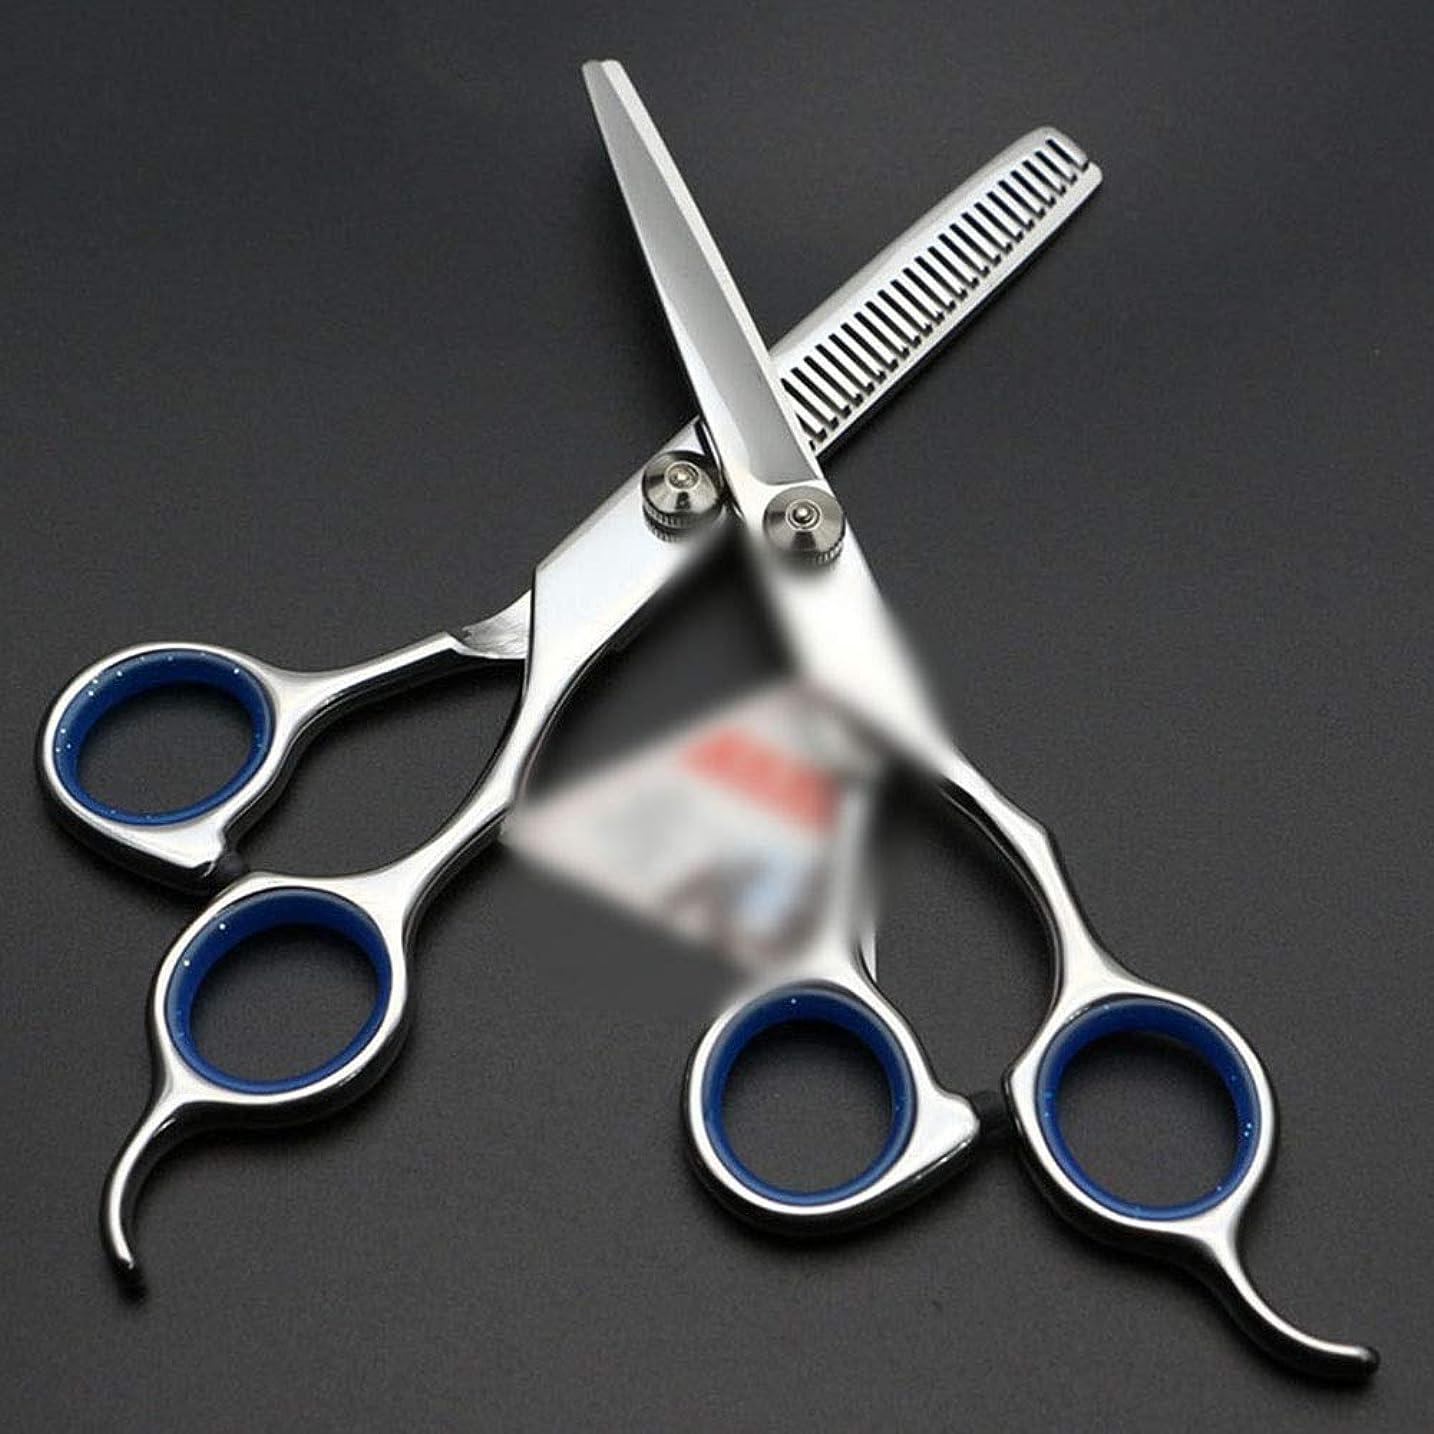 リース本土先のことを考える理髪用はさみ 6インチ美容院プロフェッショナル理髪はさみセットヘアカットはさみステンレス理髪はさみ (色 : 青)